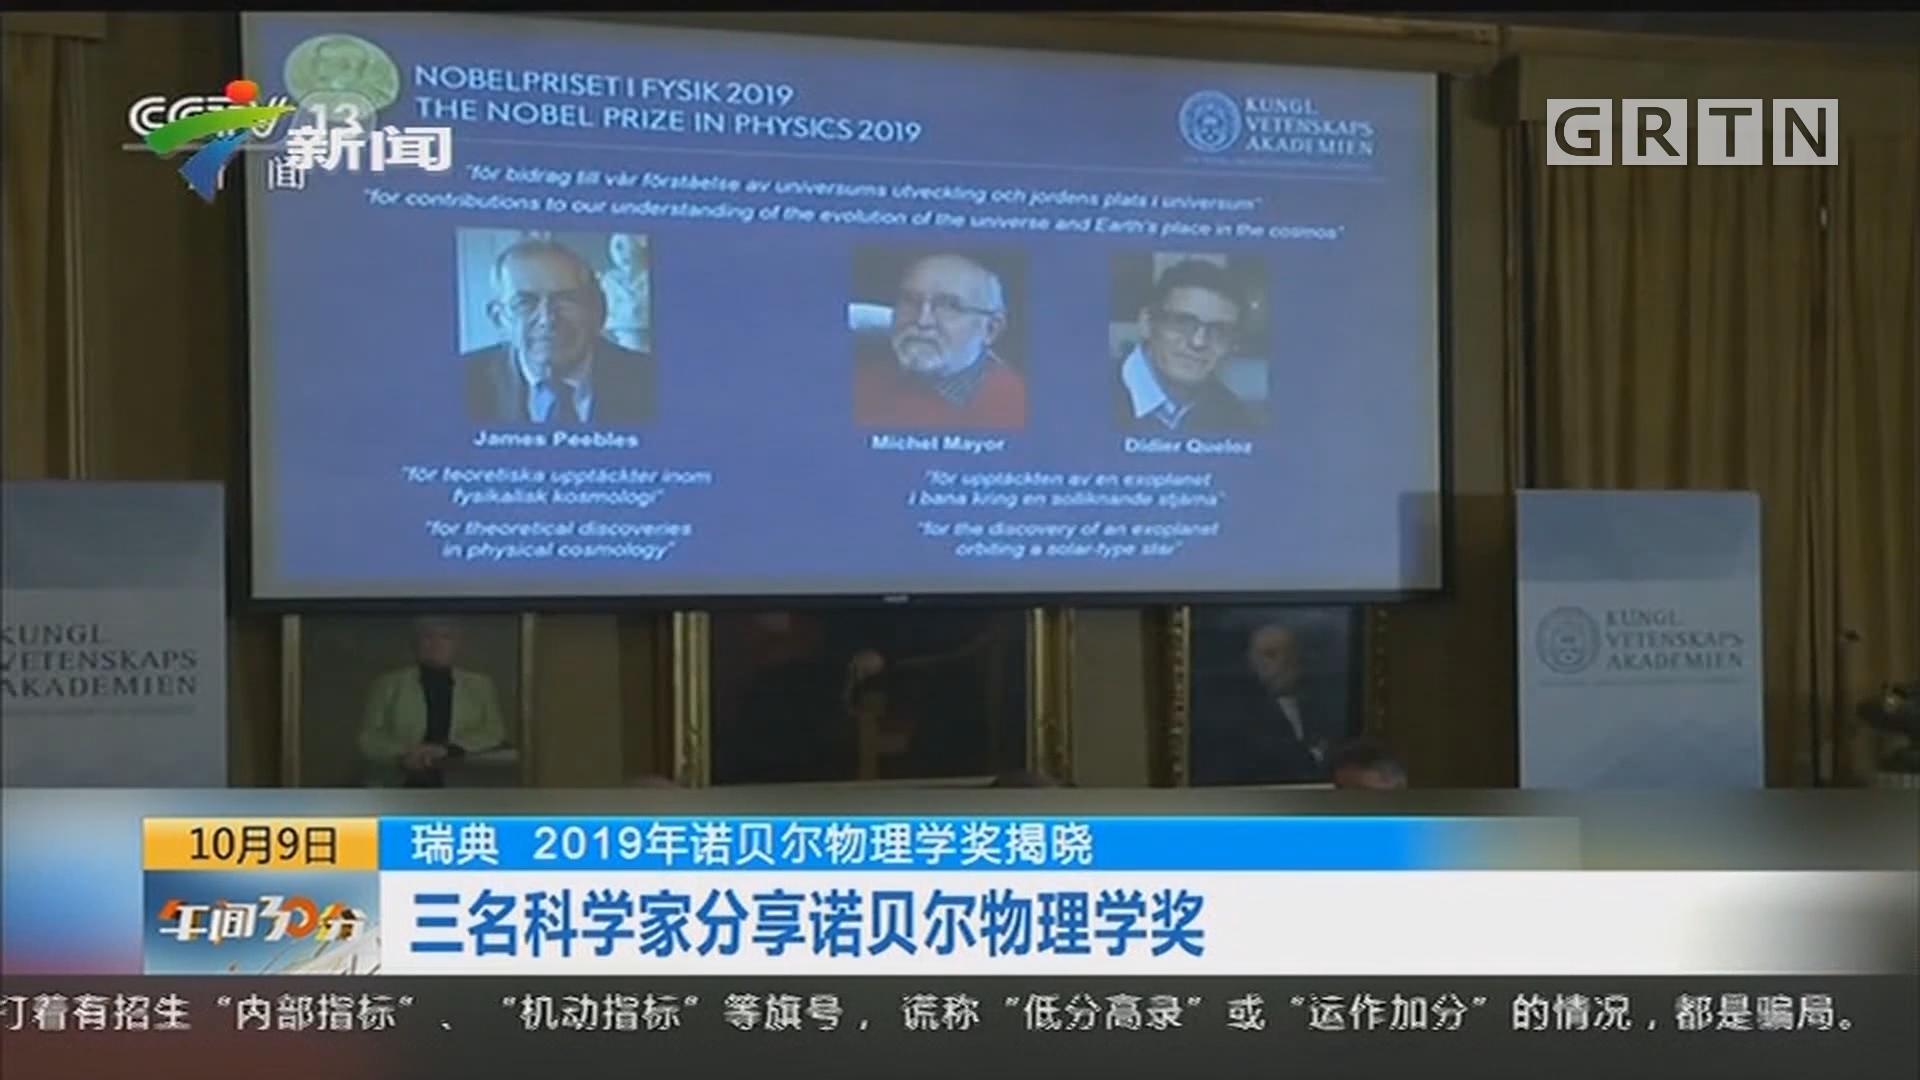 瑞典 2019年诺贝尔物理学奖揭晓:三名科学家分享诺贝尔物理学奖